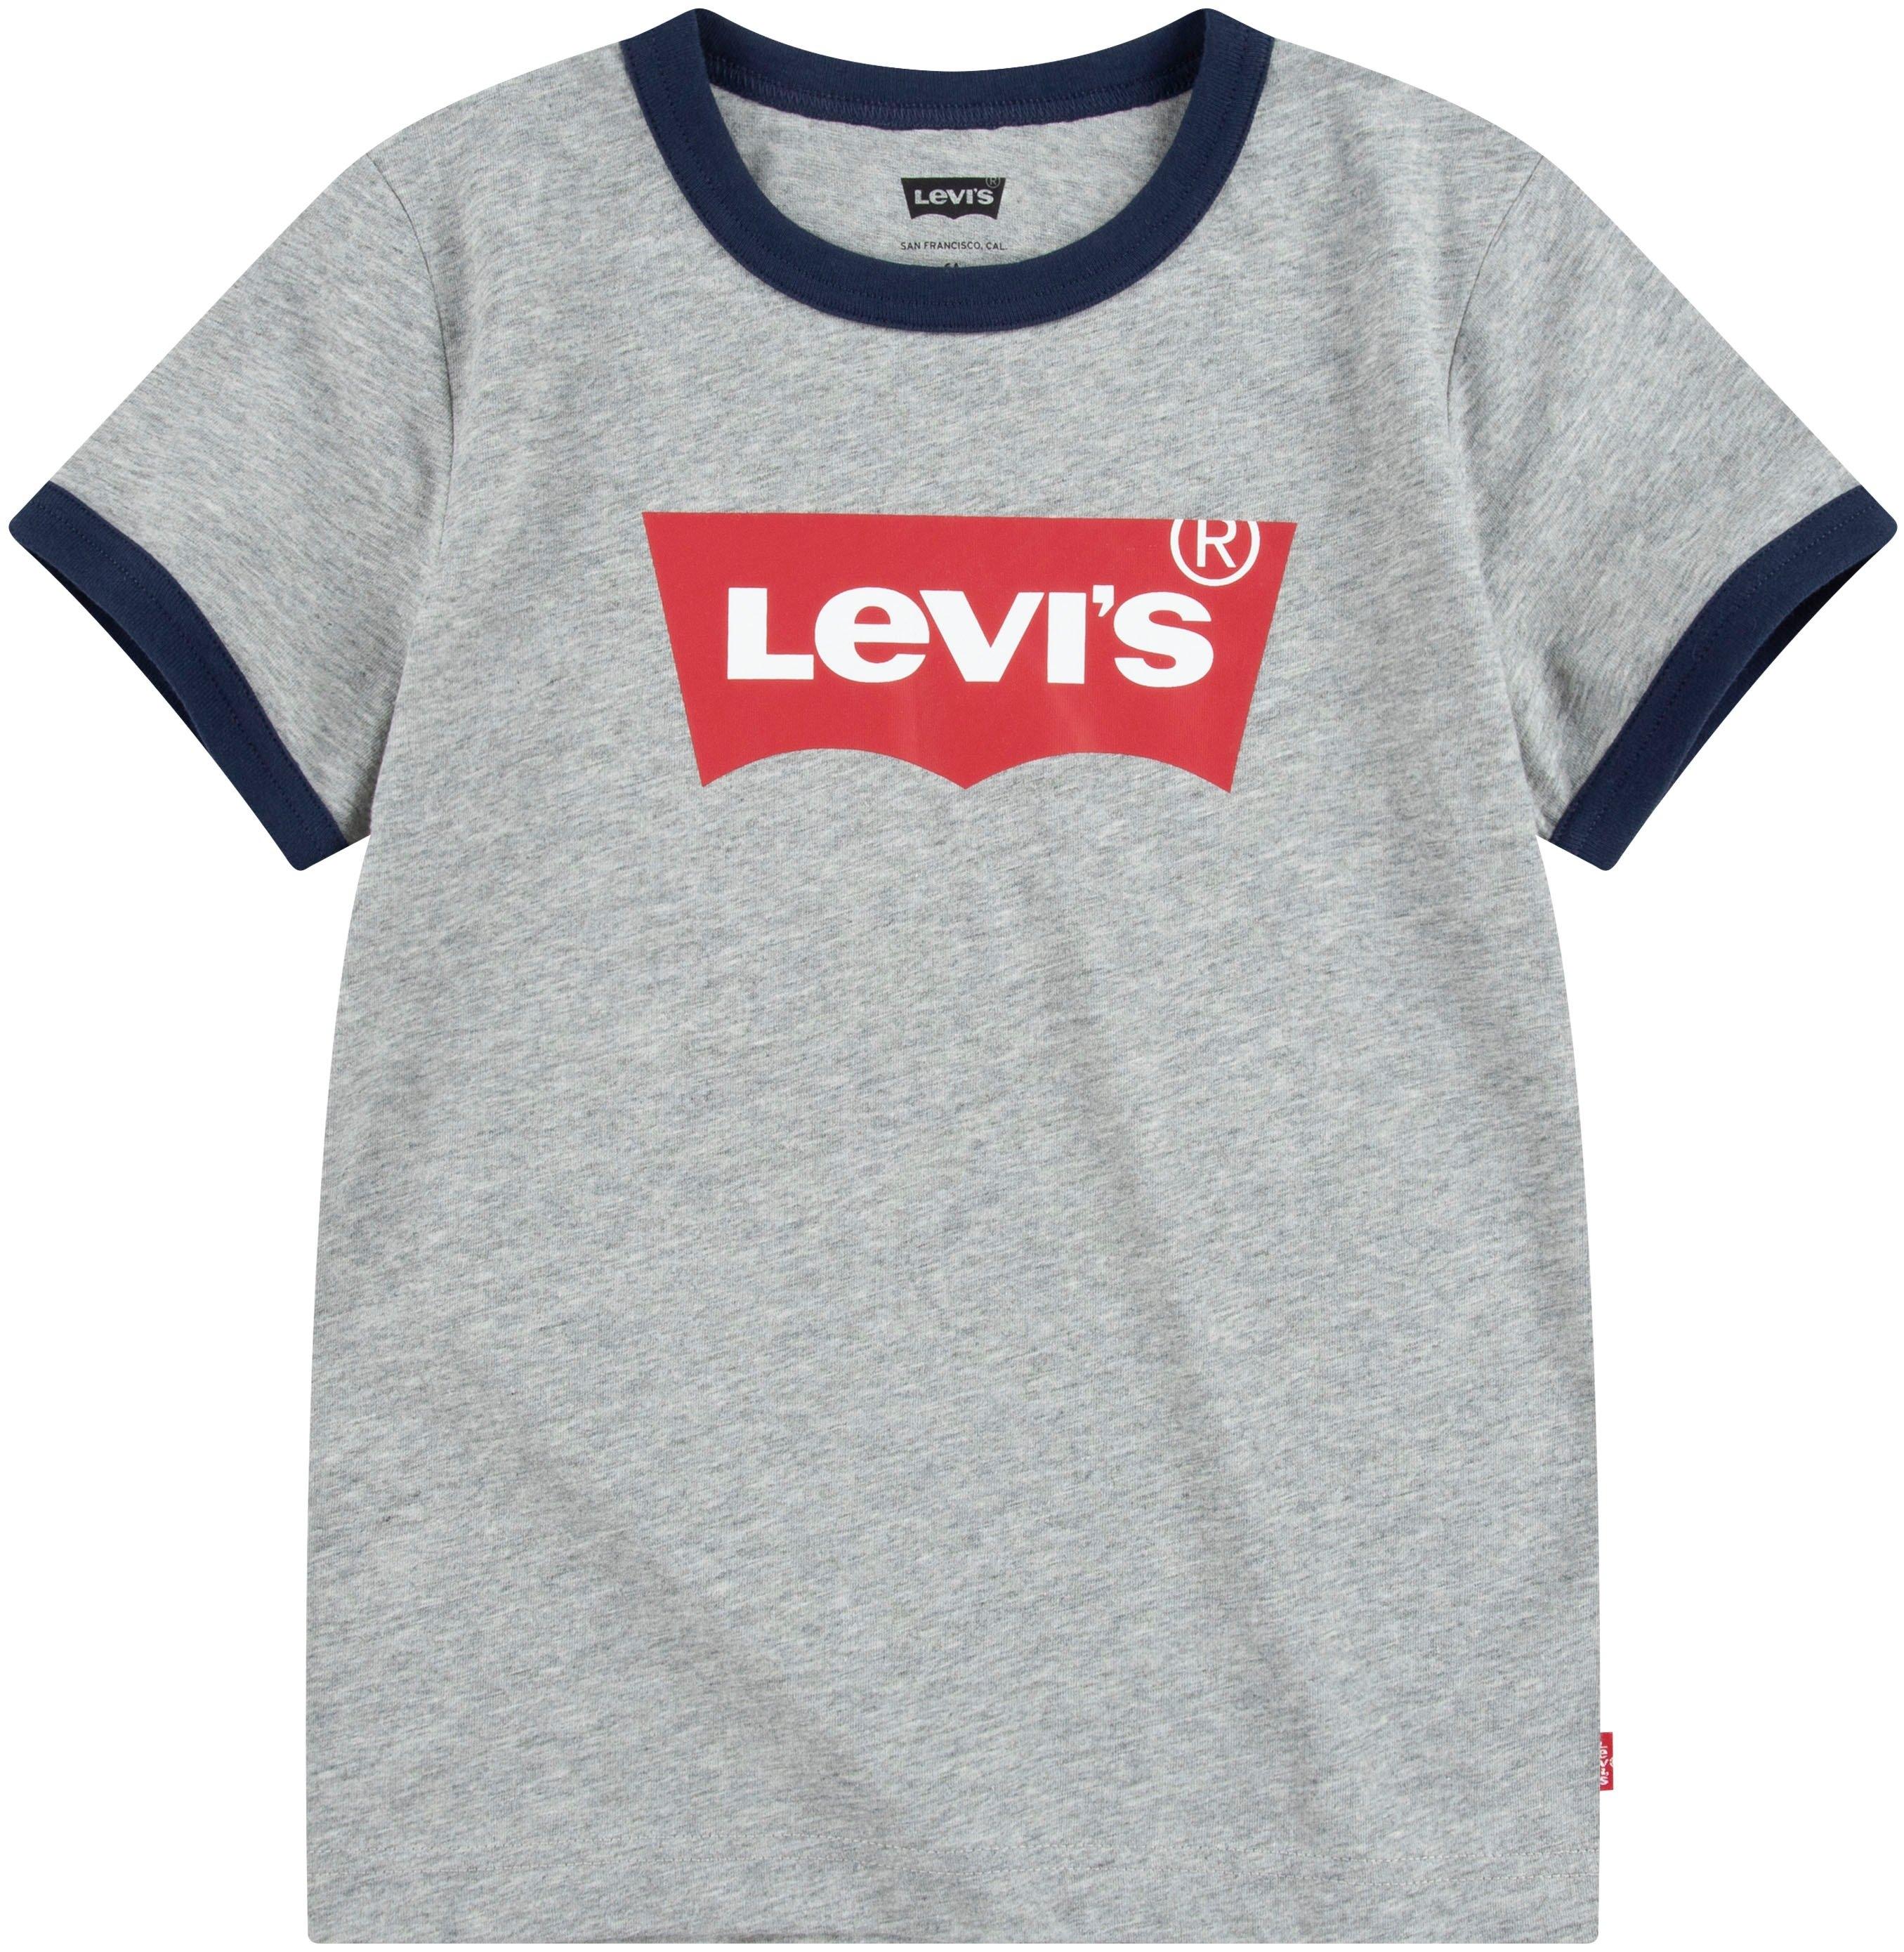 Levi's Kidswear T-shirt nu online bestellen